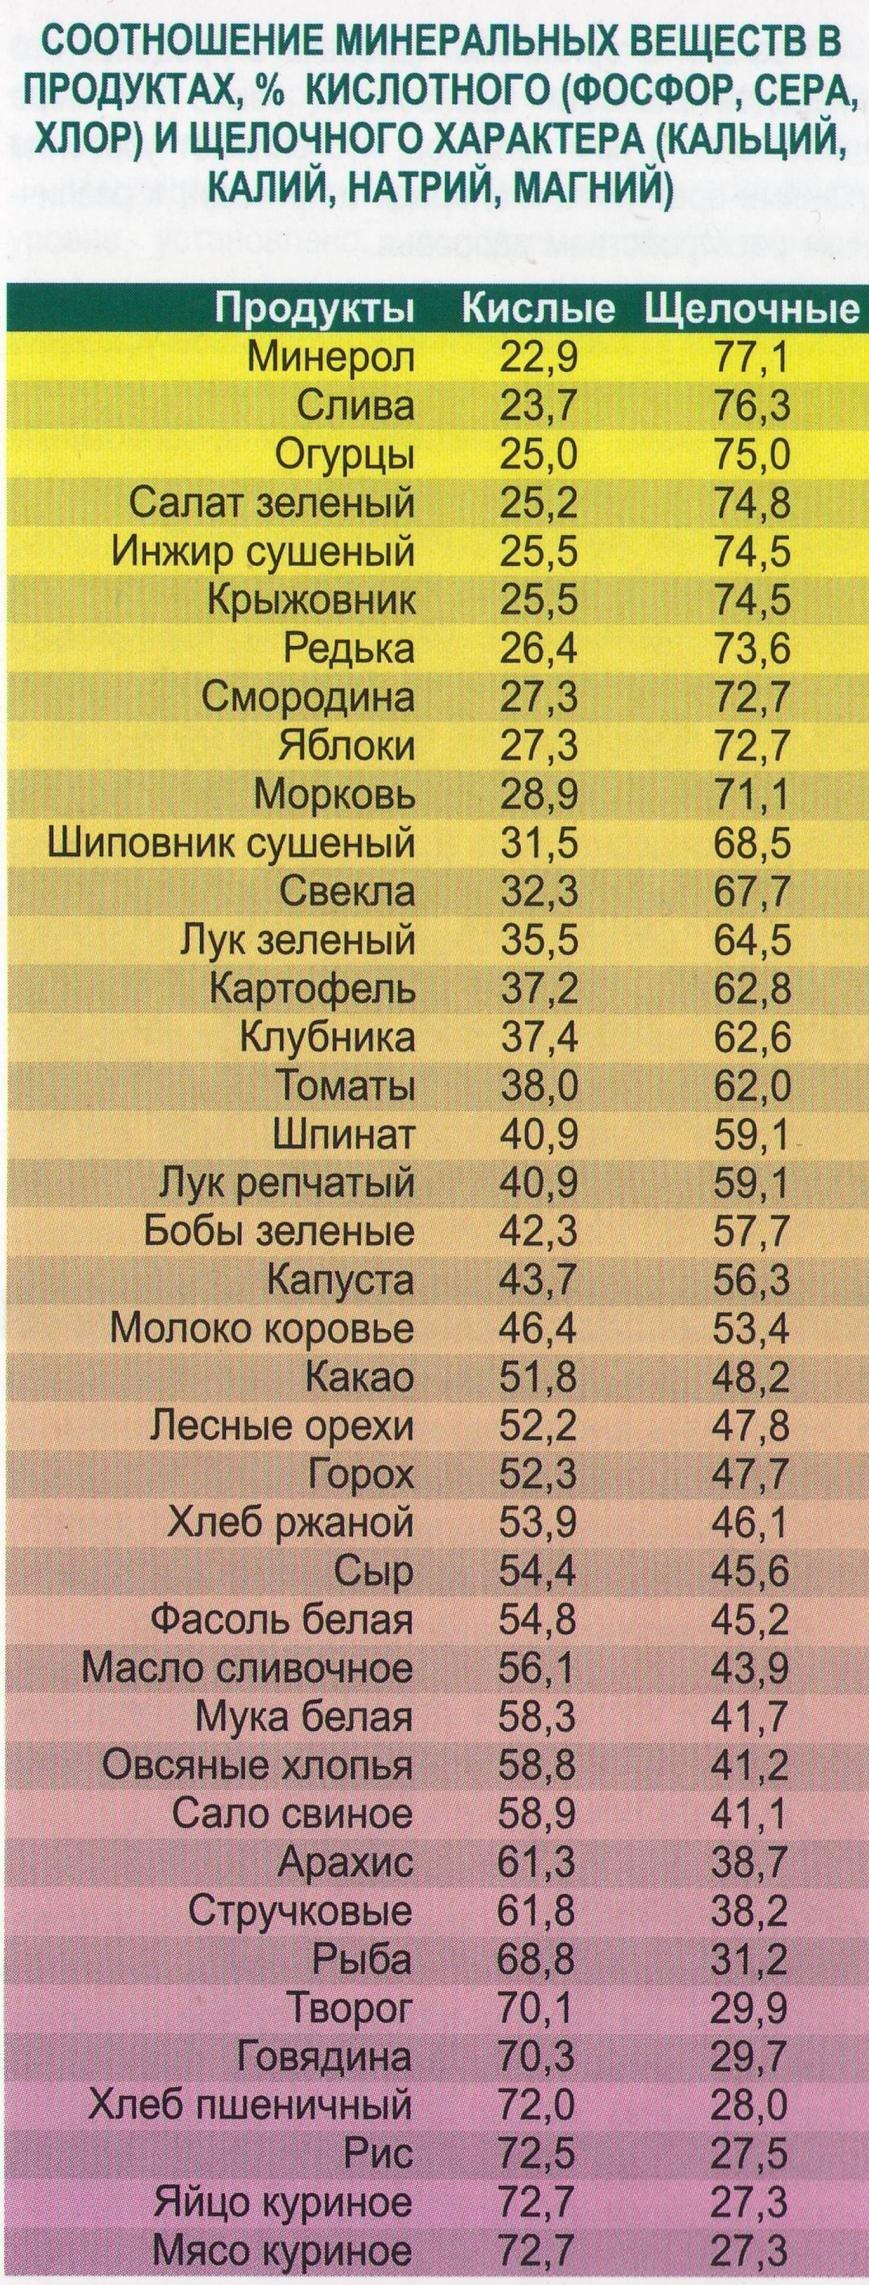 Соотношение минеральнsх веществ в продуктах